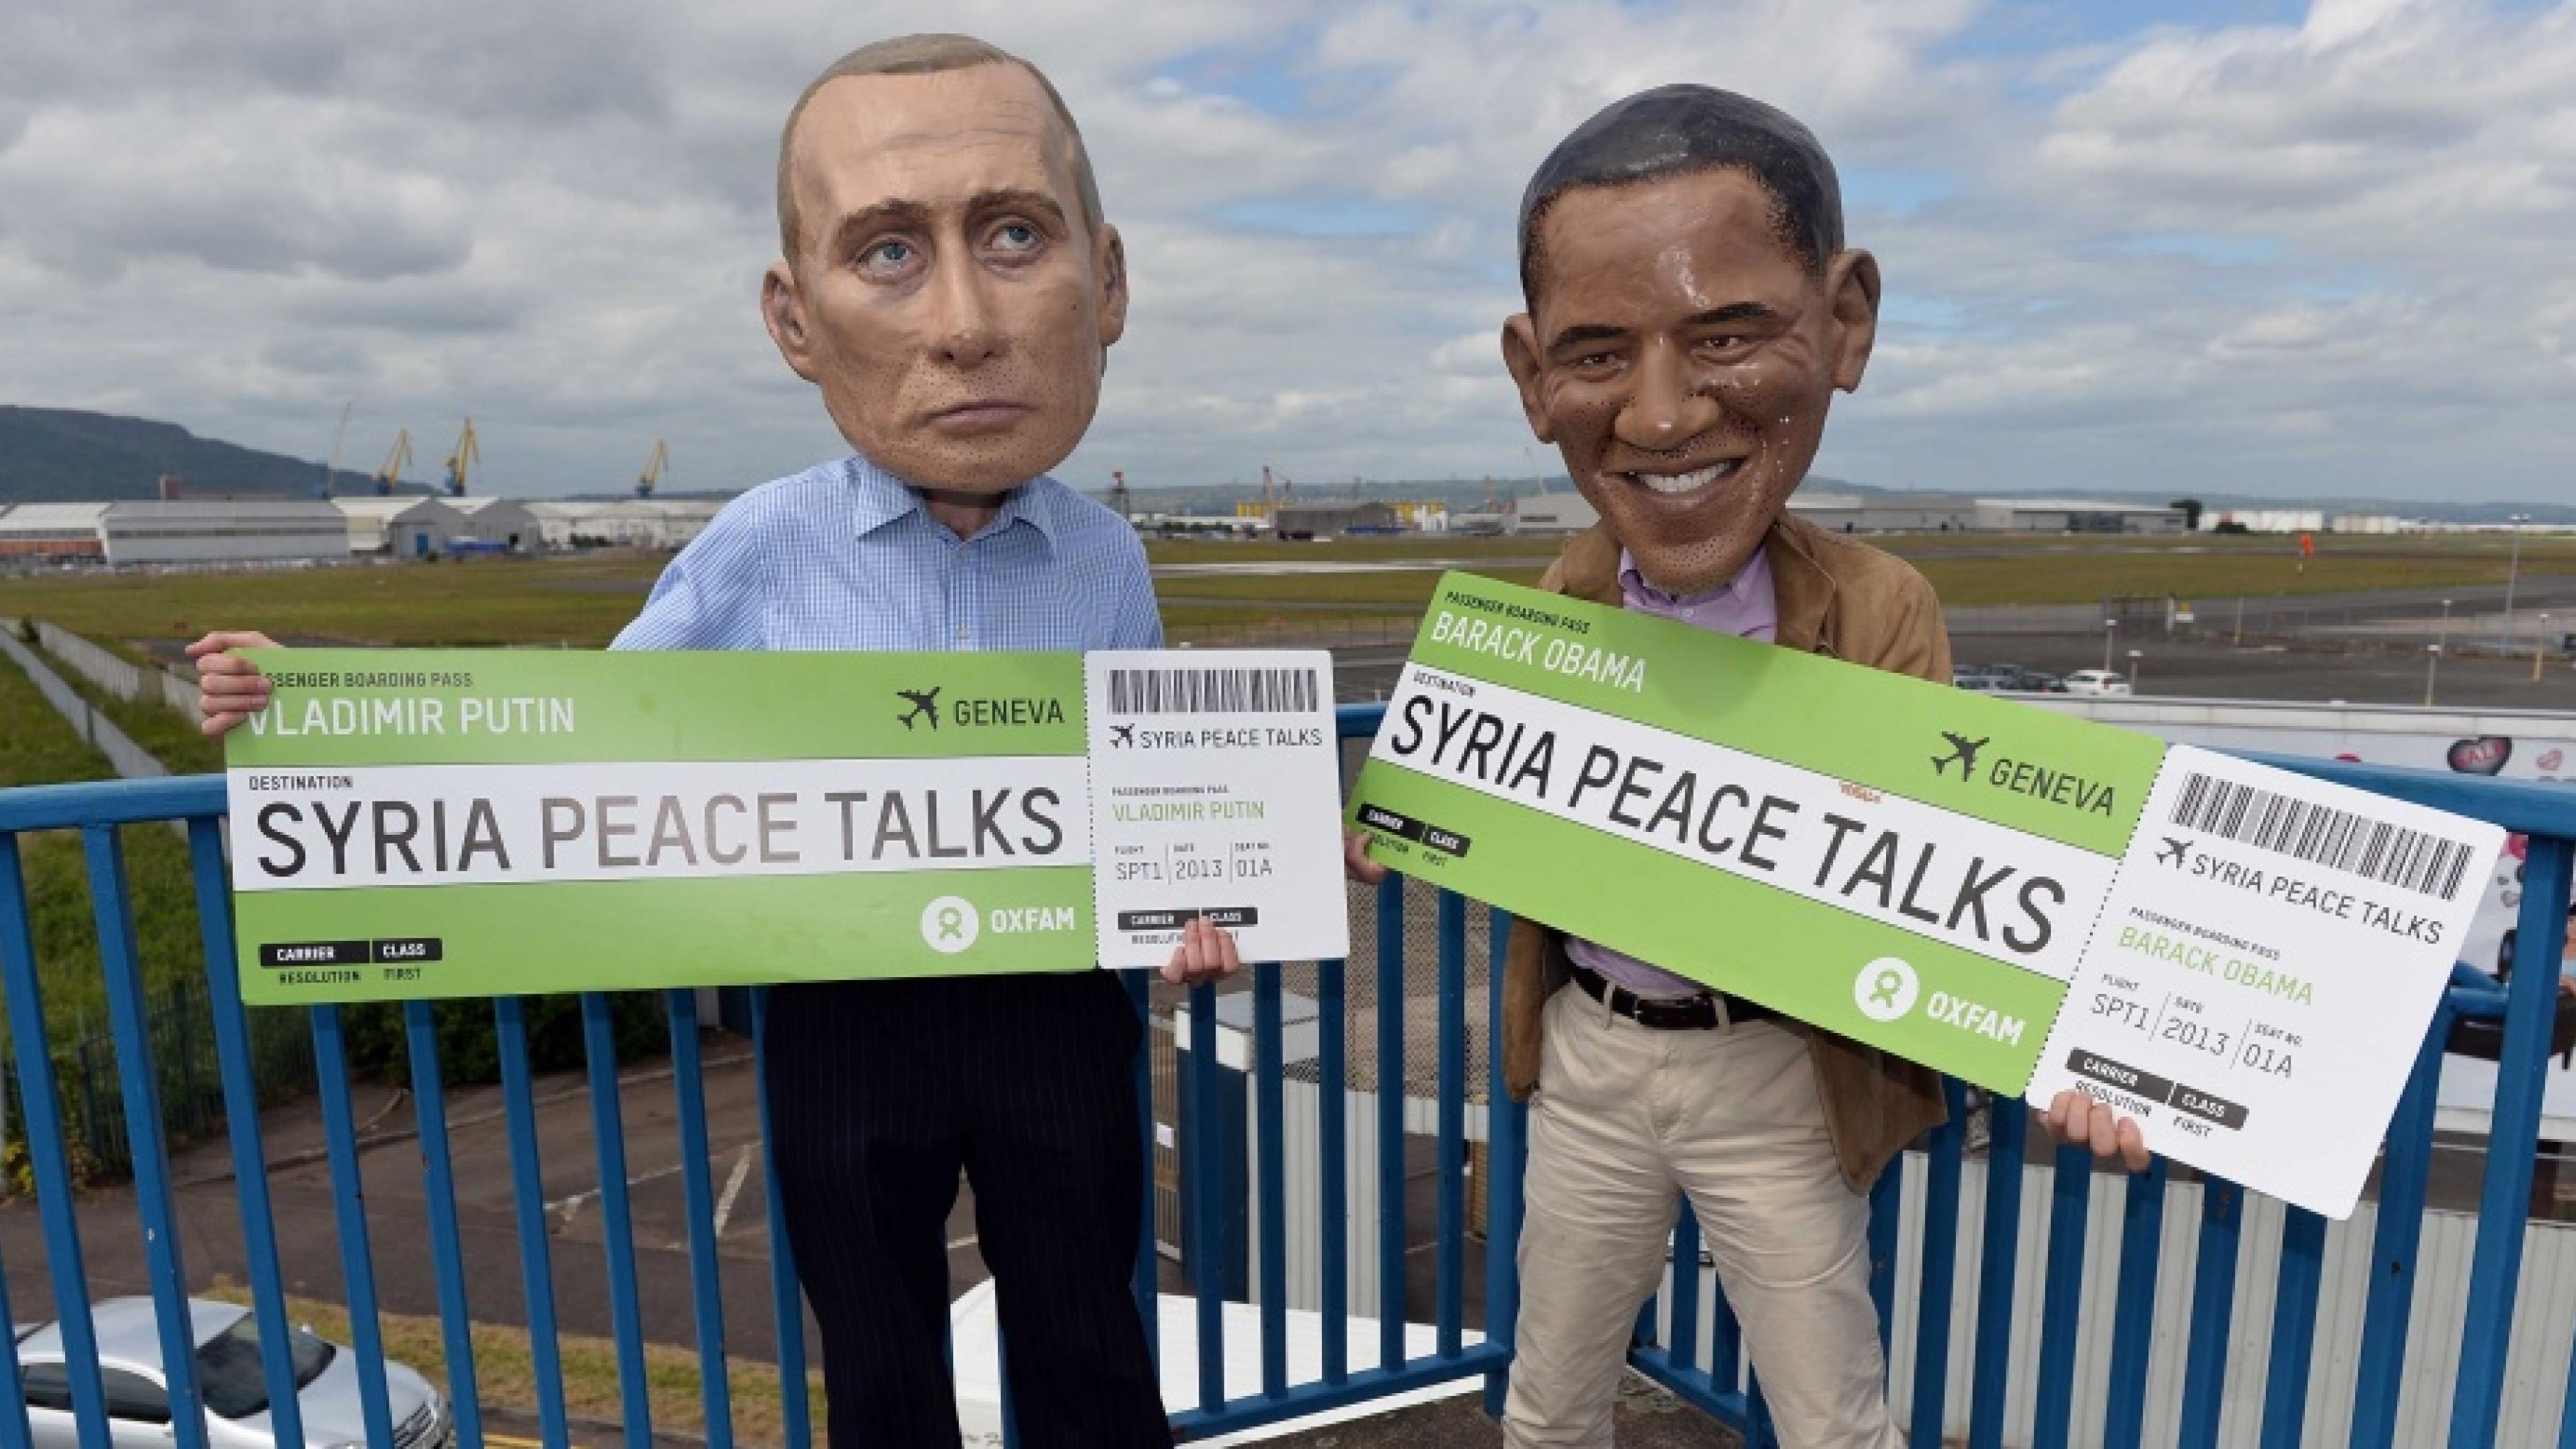 Zwei als Obama und Putin Verkleidete mit riesigen Tickets auf einem Flughafen